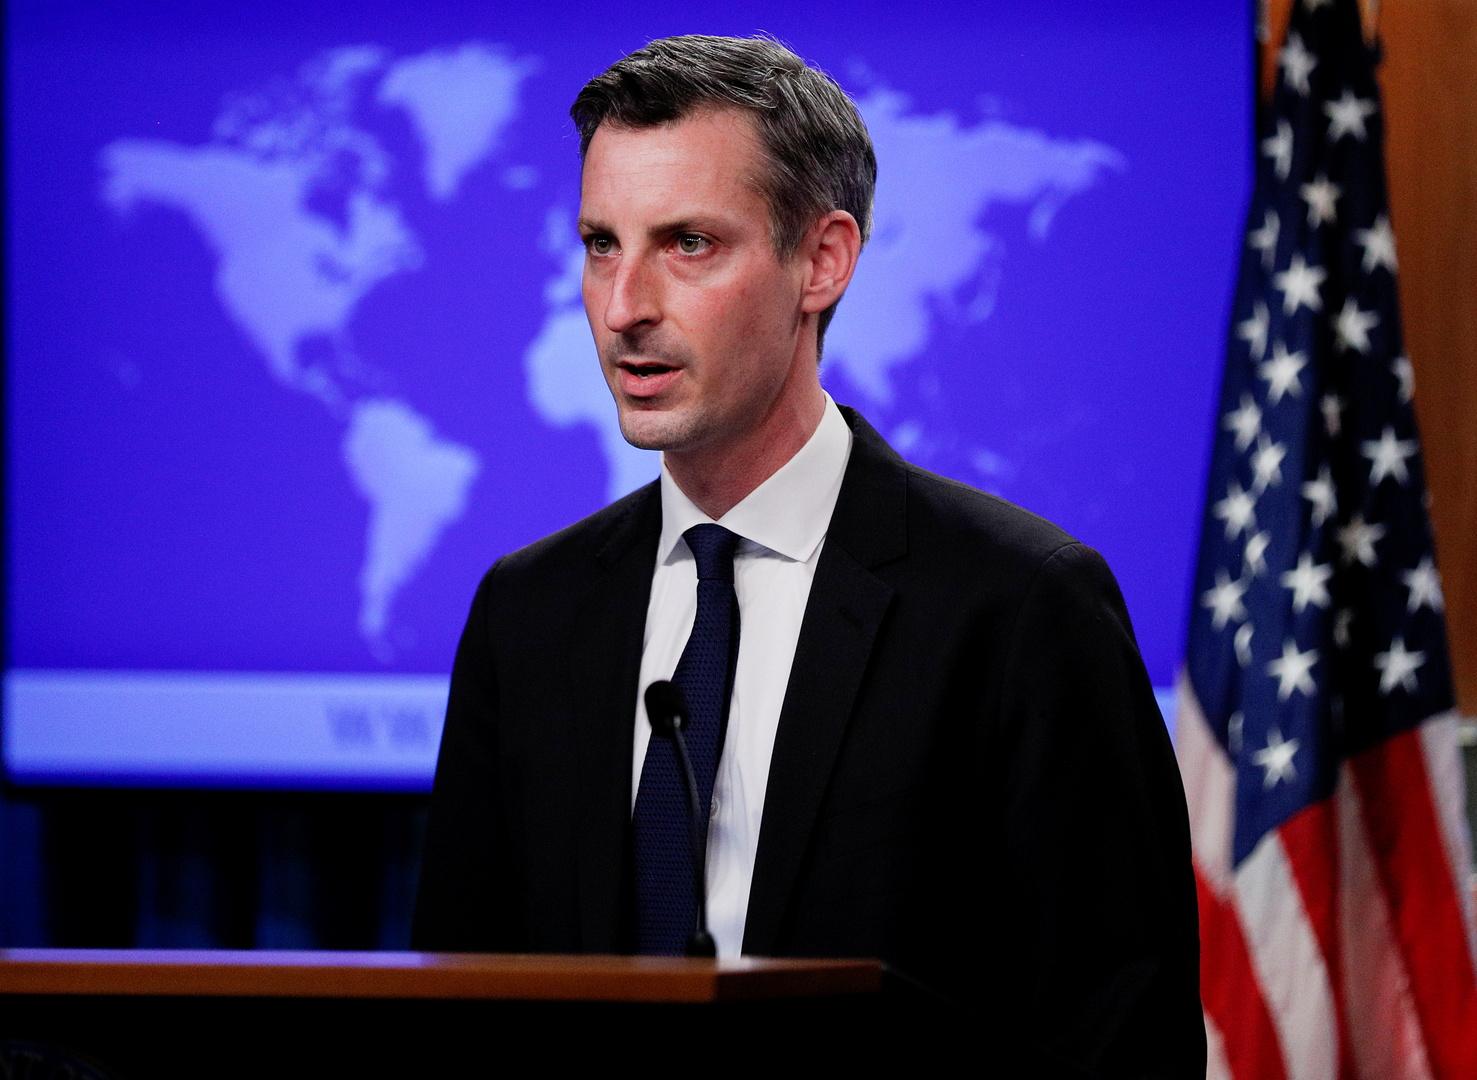 الولايات المتحدة: الهجمات على السعودية غير مقبولة وخطيرة